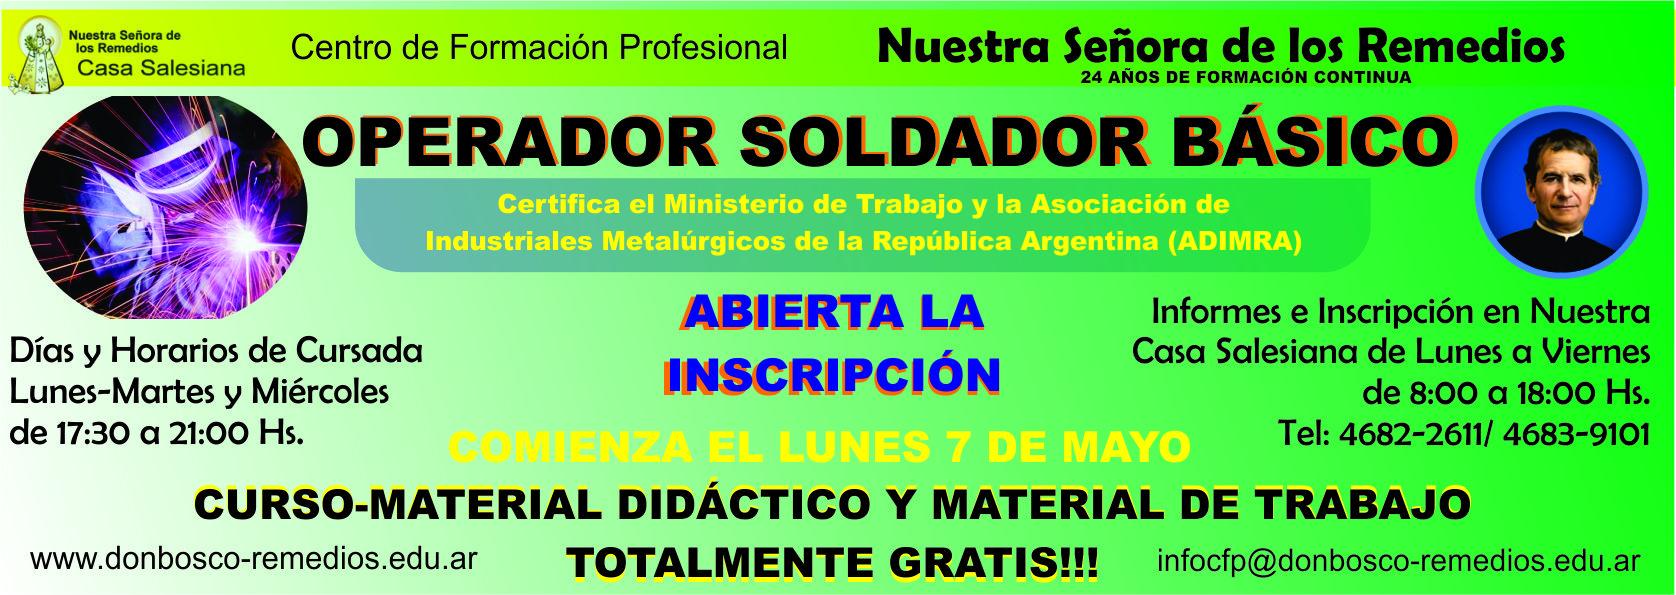 Autocopia_de_seguridad_deplantillas